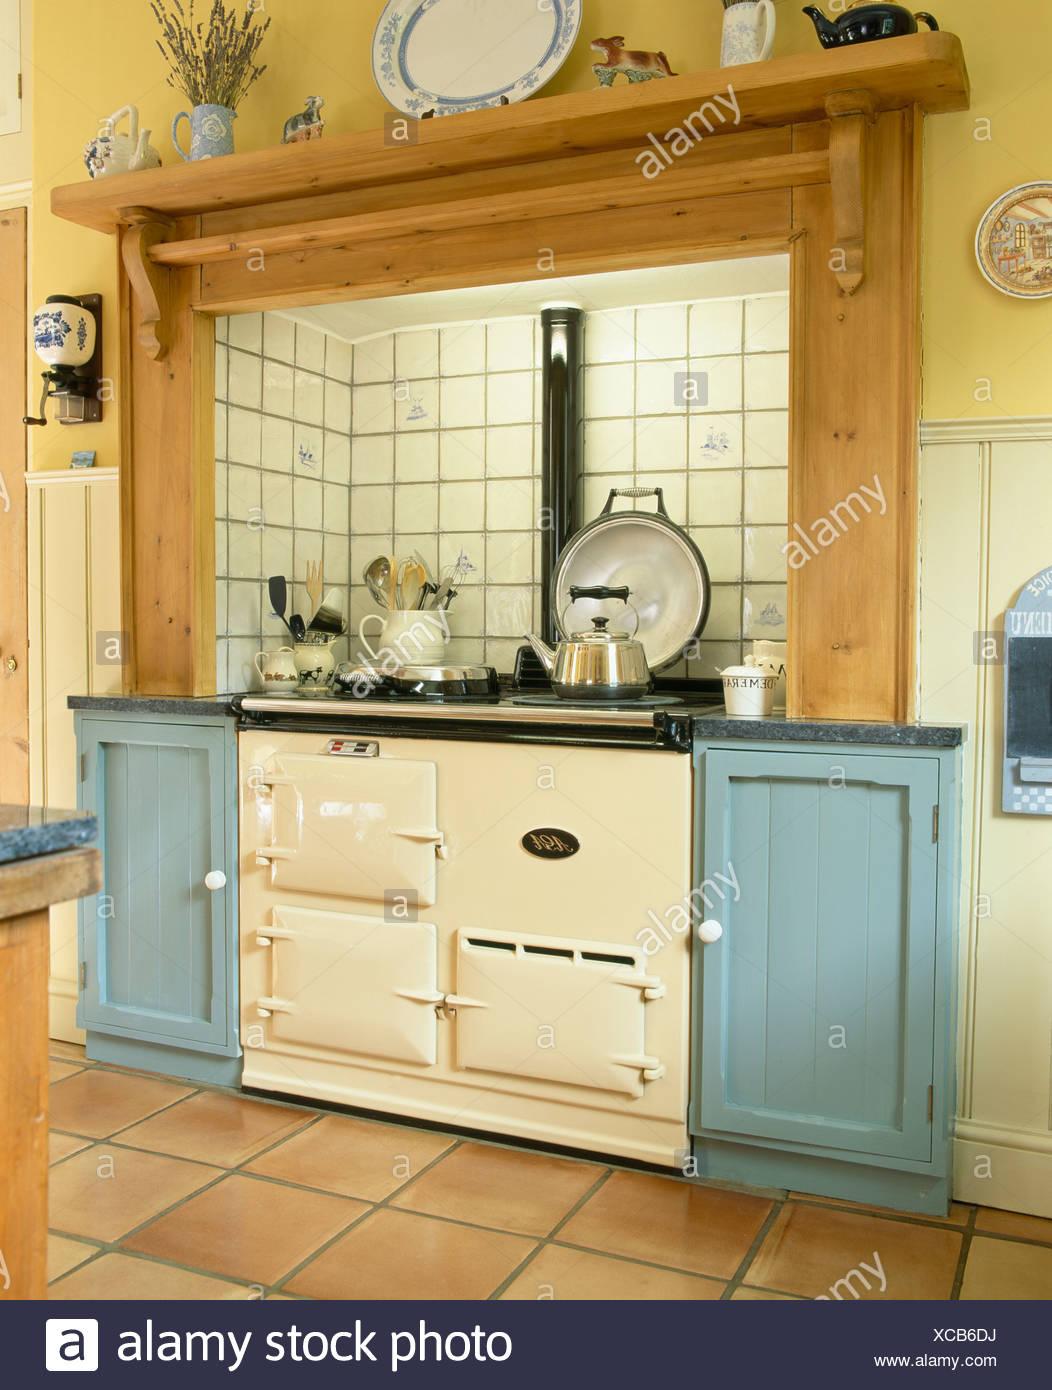 Wunderbar Bauernküche Beleuchtung Zeitgenössisch - Küche Set Ideen ...